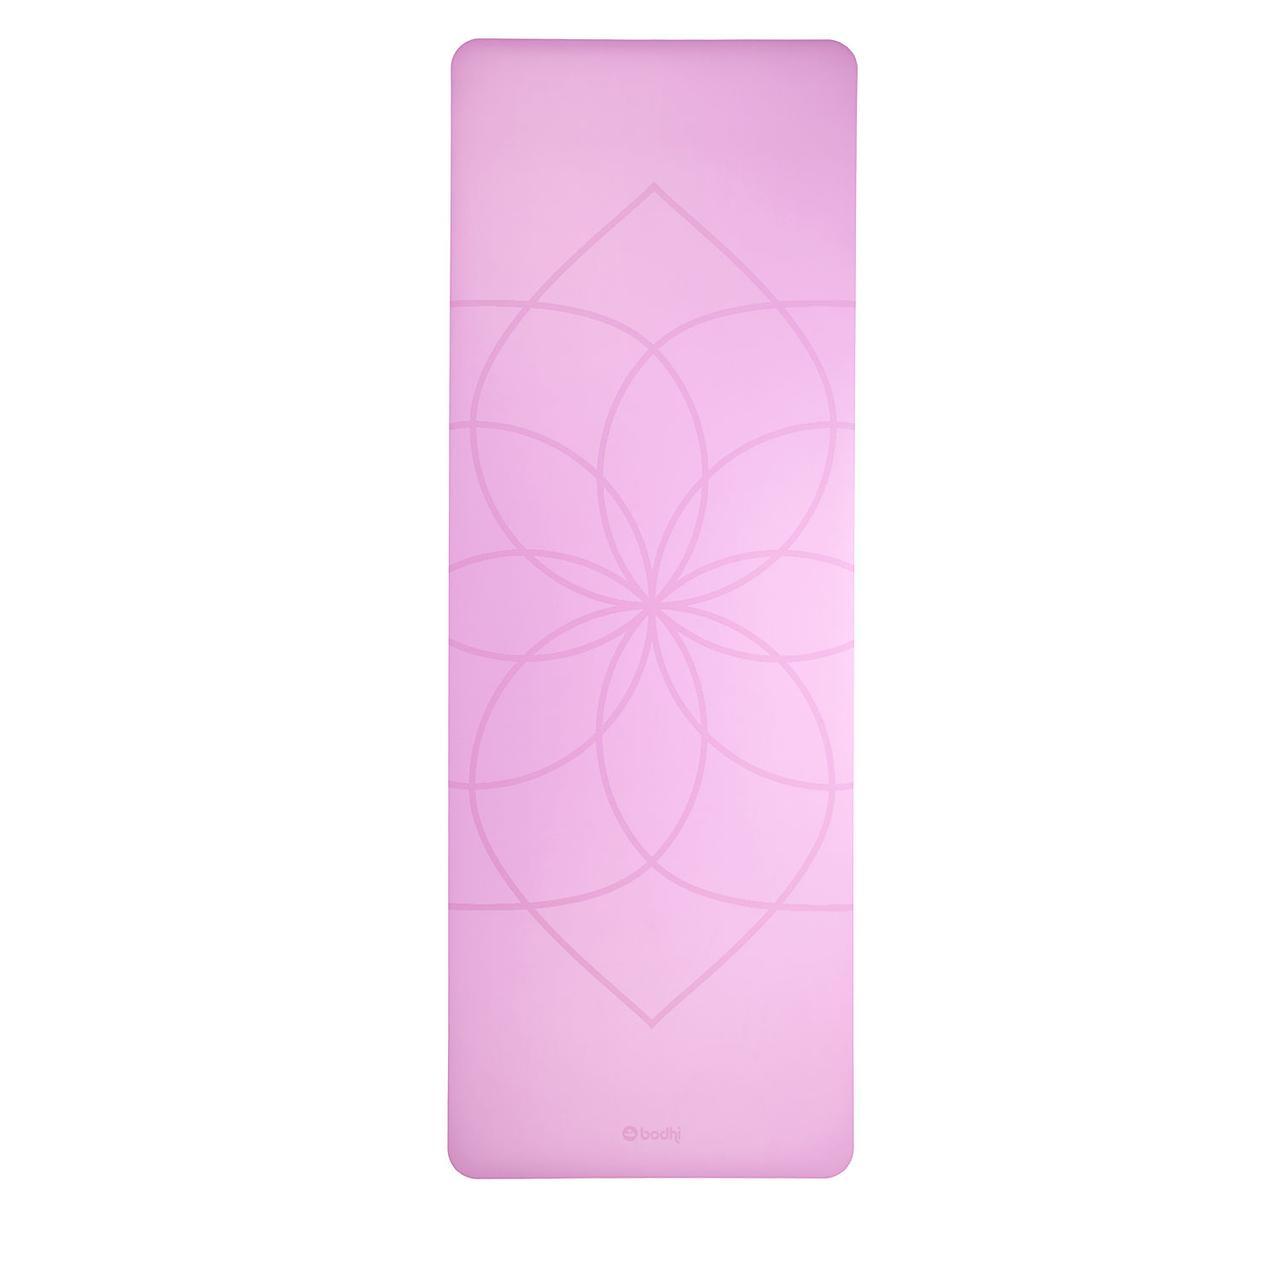 Коврик для йоги FHOENIX with living flover (Феникс Живой цветок), розовый